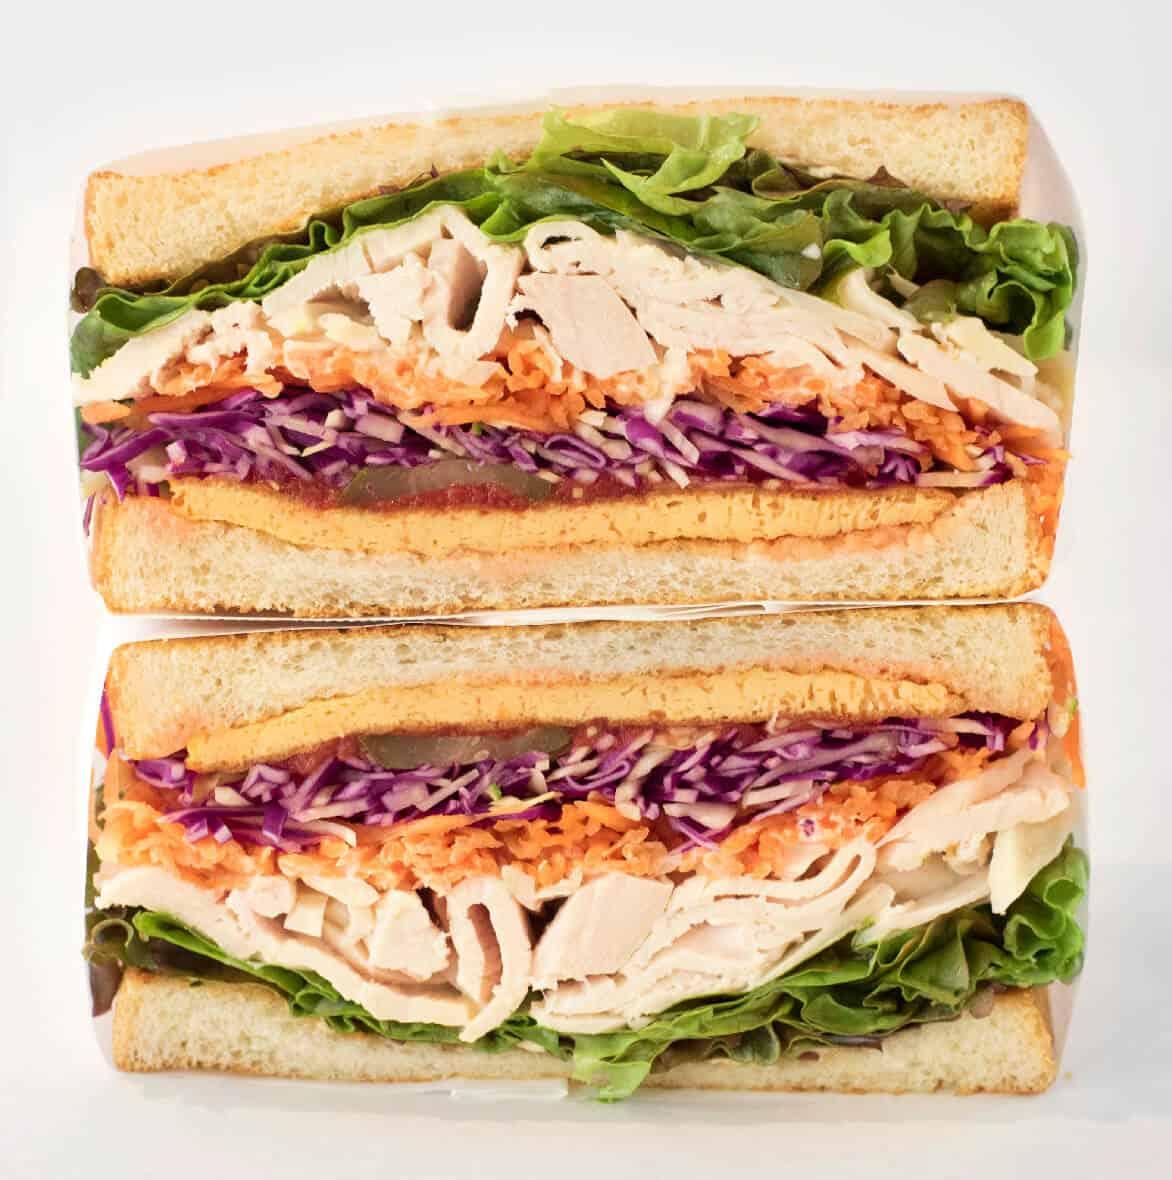 รีวิว Toast Sandwich Bambooトーストサンドイッチバンブー